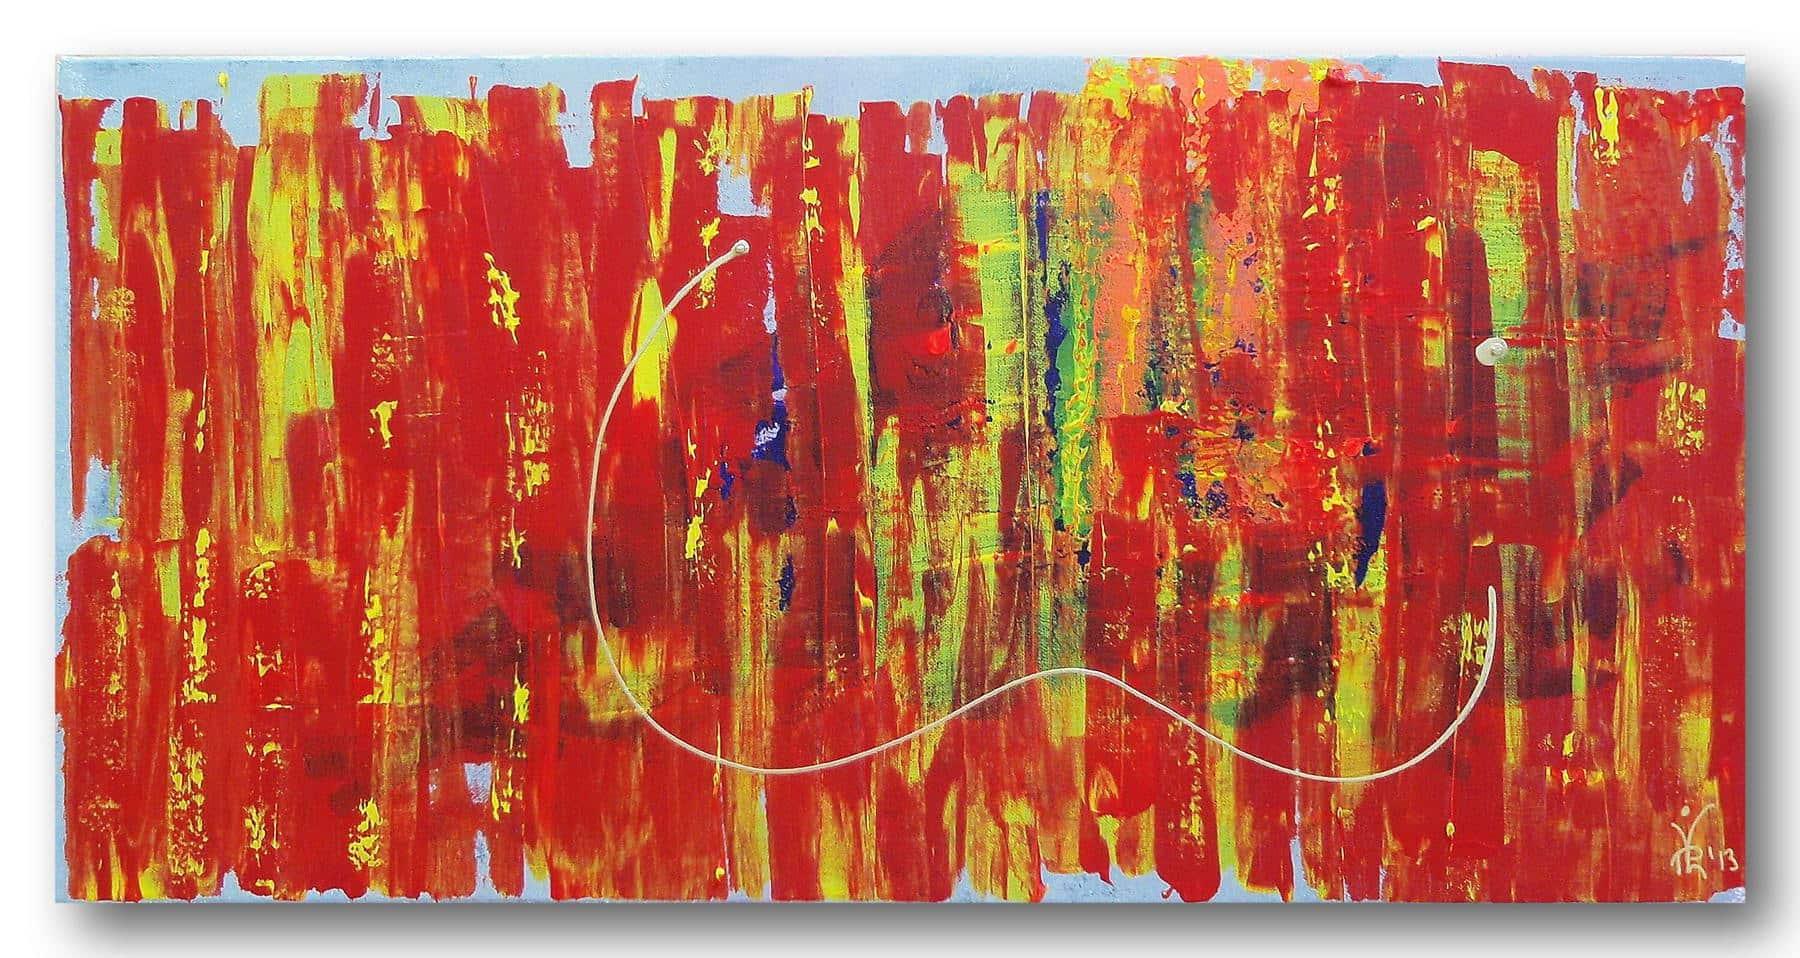 Hidden Hope - Acrylic / Canvas 80 x 40 cm, 31.5 x 15.8 inch